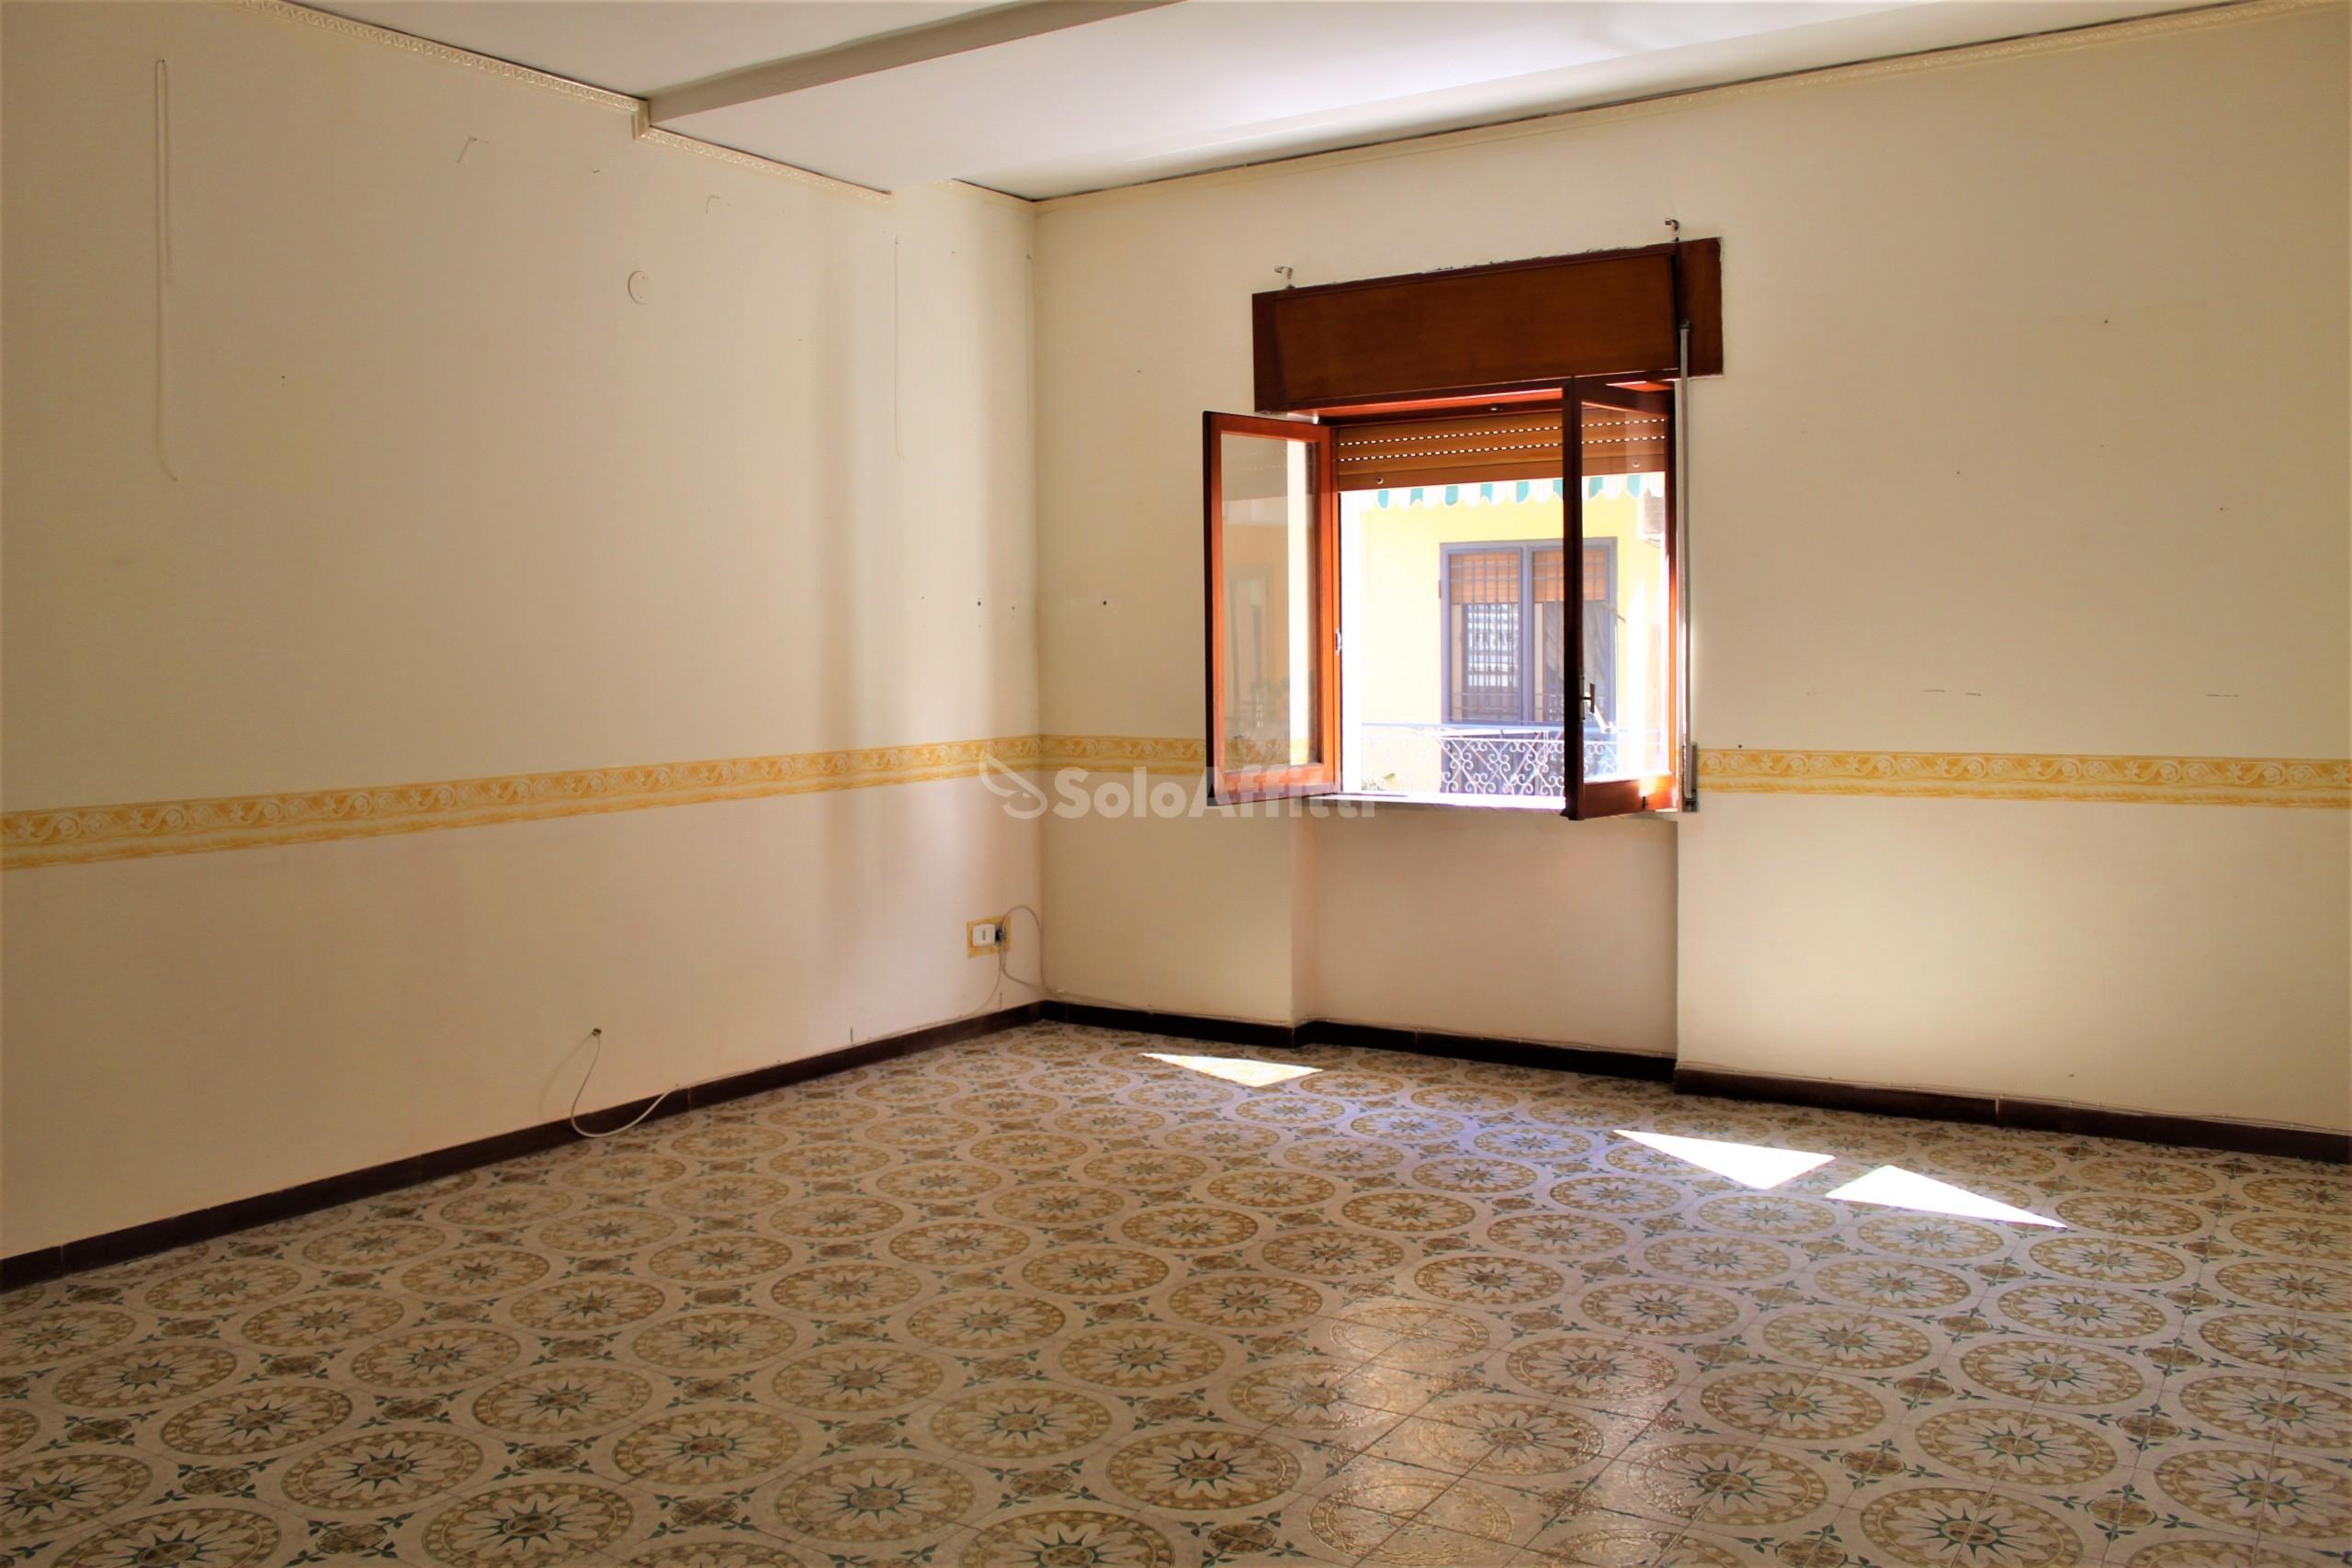 Appartamento Trilocale 5 vani 130 mq.